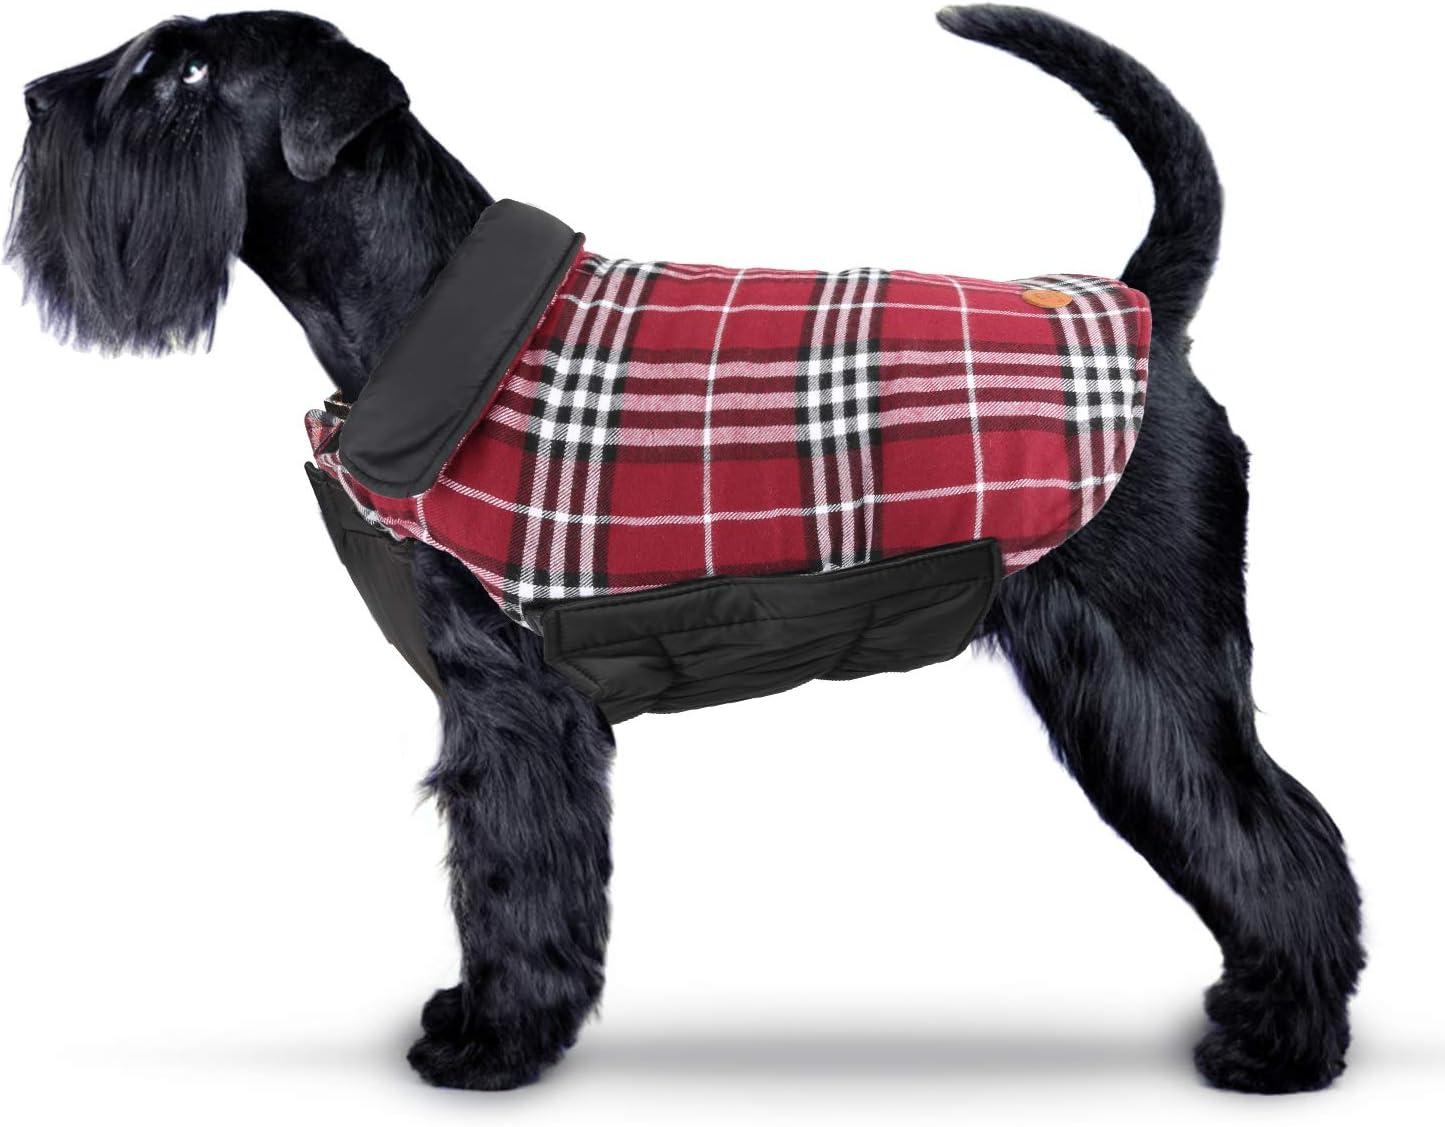 IREENUO Abrigo Perro Chaqueta Perro Invierno Ropa Escoces Acolchado para Perro Pequeño y Mediano